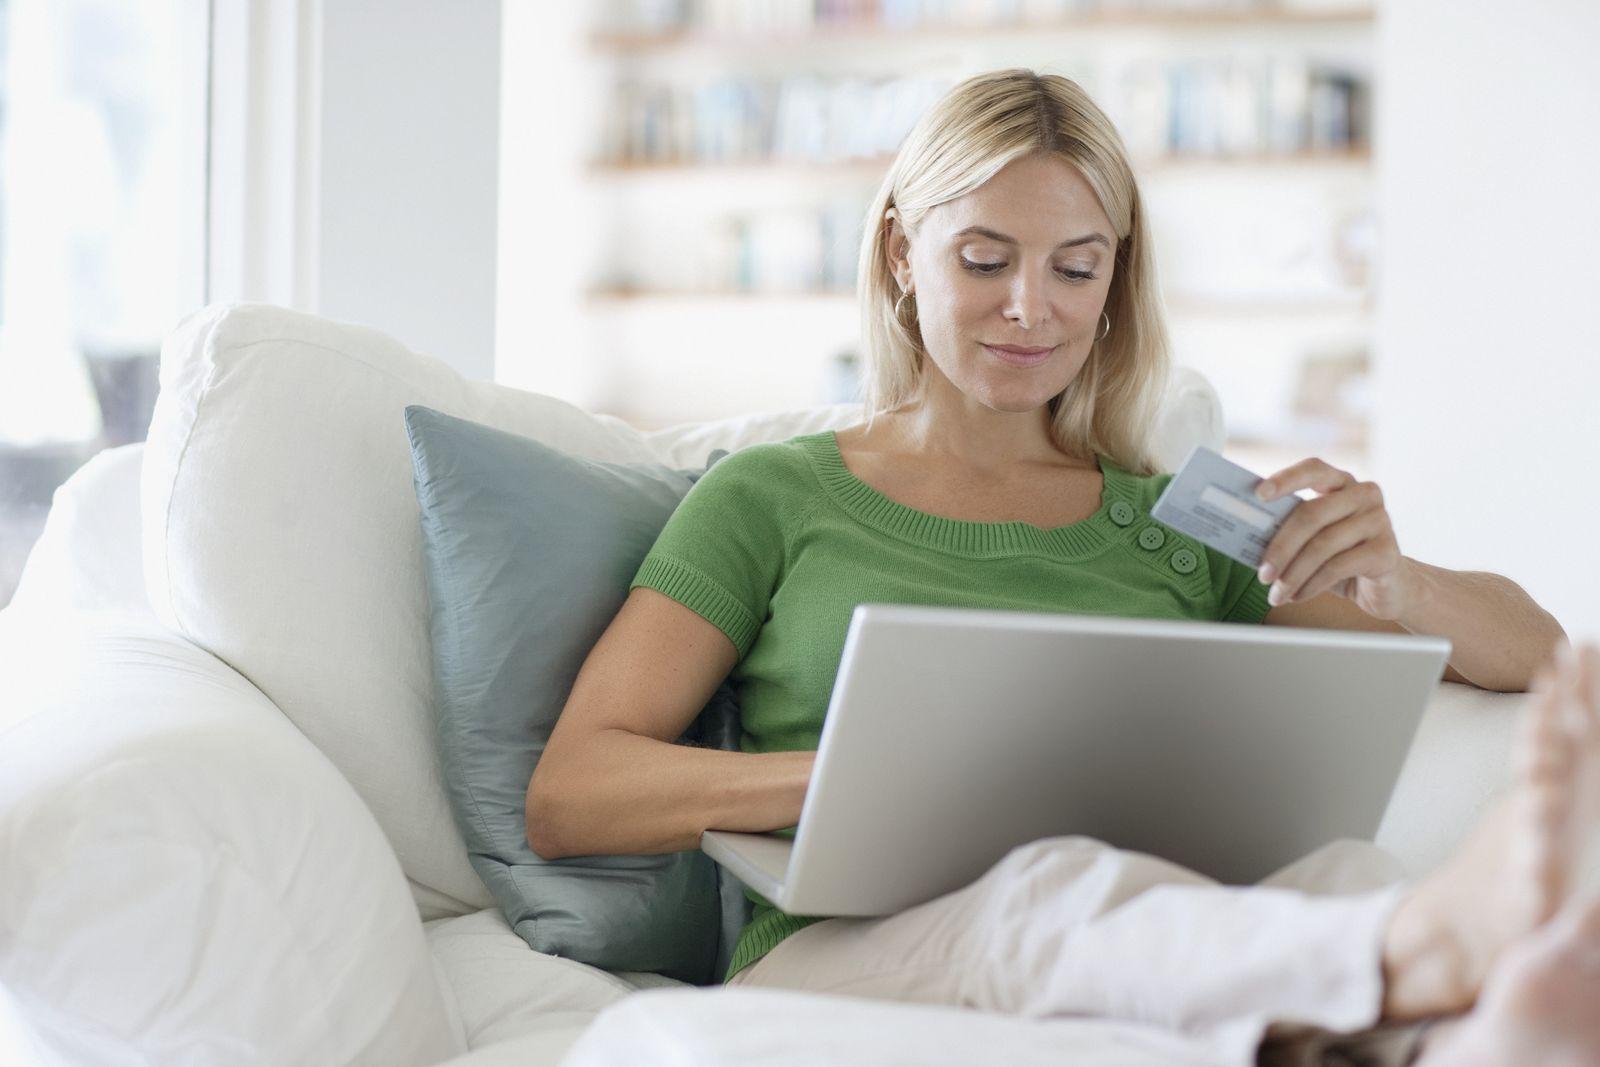 NICHT MEHR VERWENDEN! - Online-Shopping